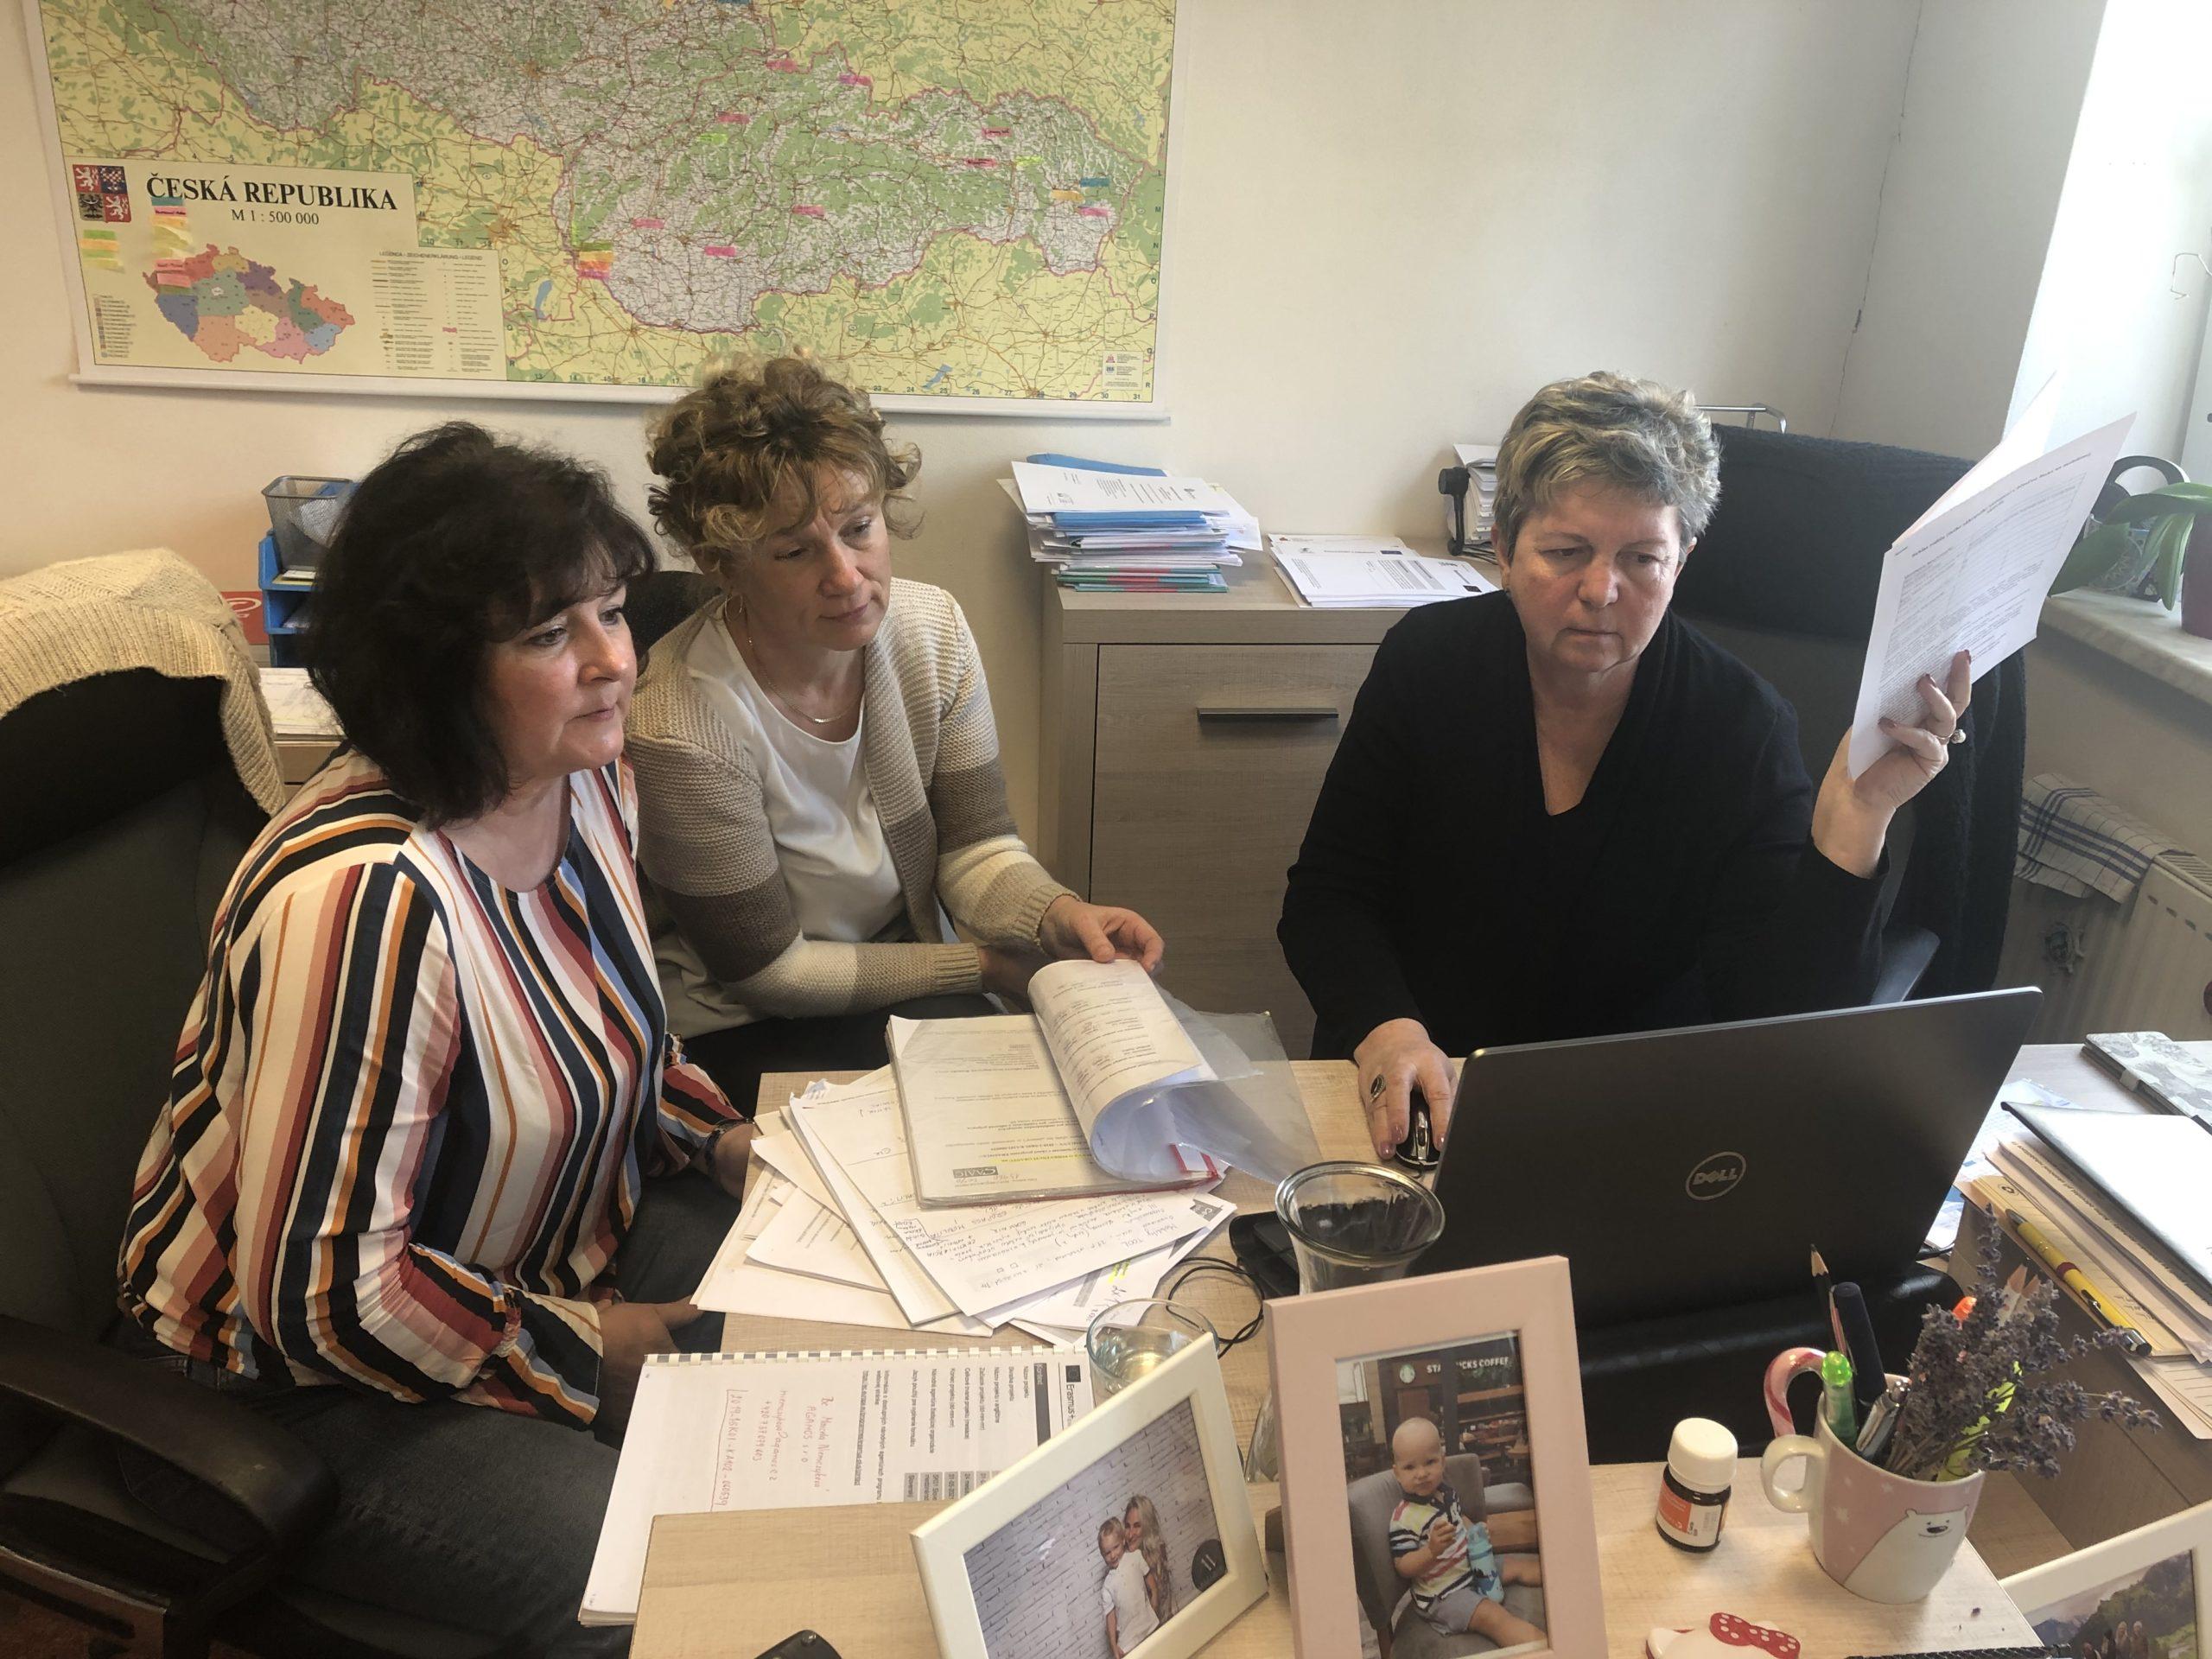 Organizácia 1. turnusu odbornej stáže v rámci programu Erasmus+ v plnom prúde